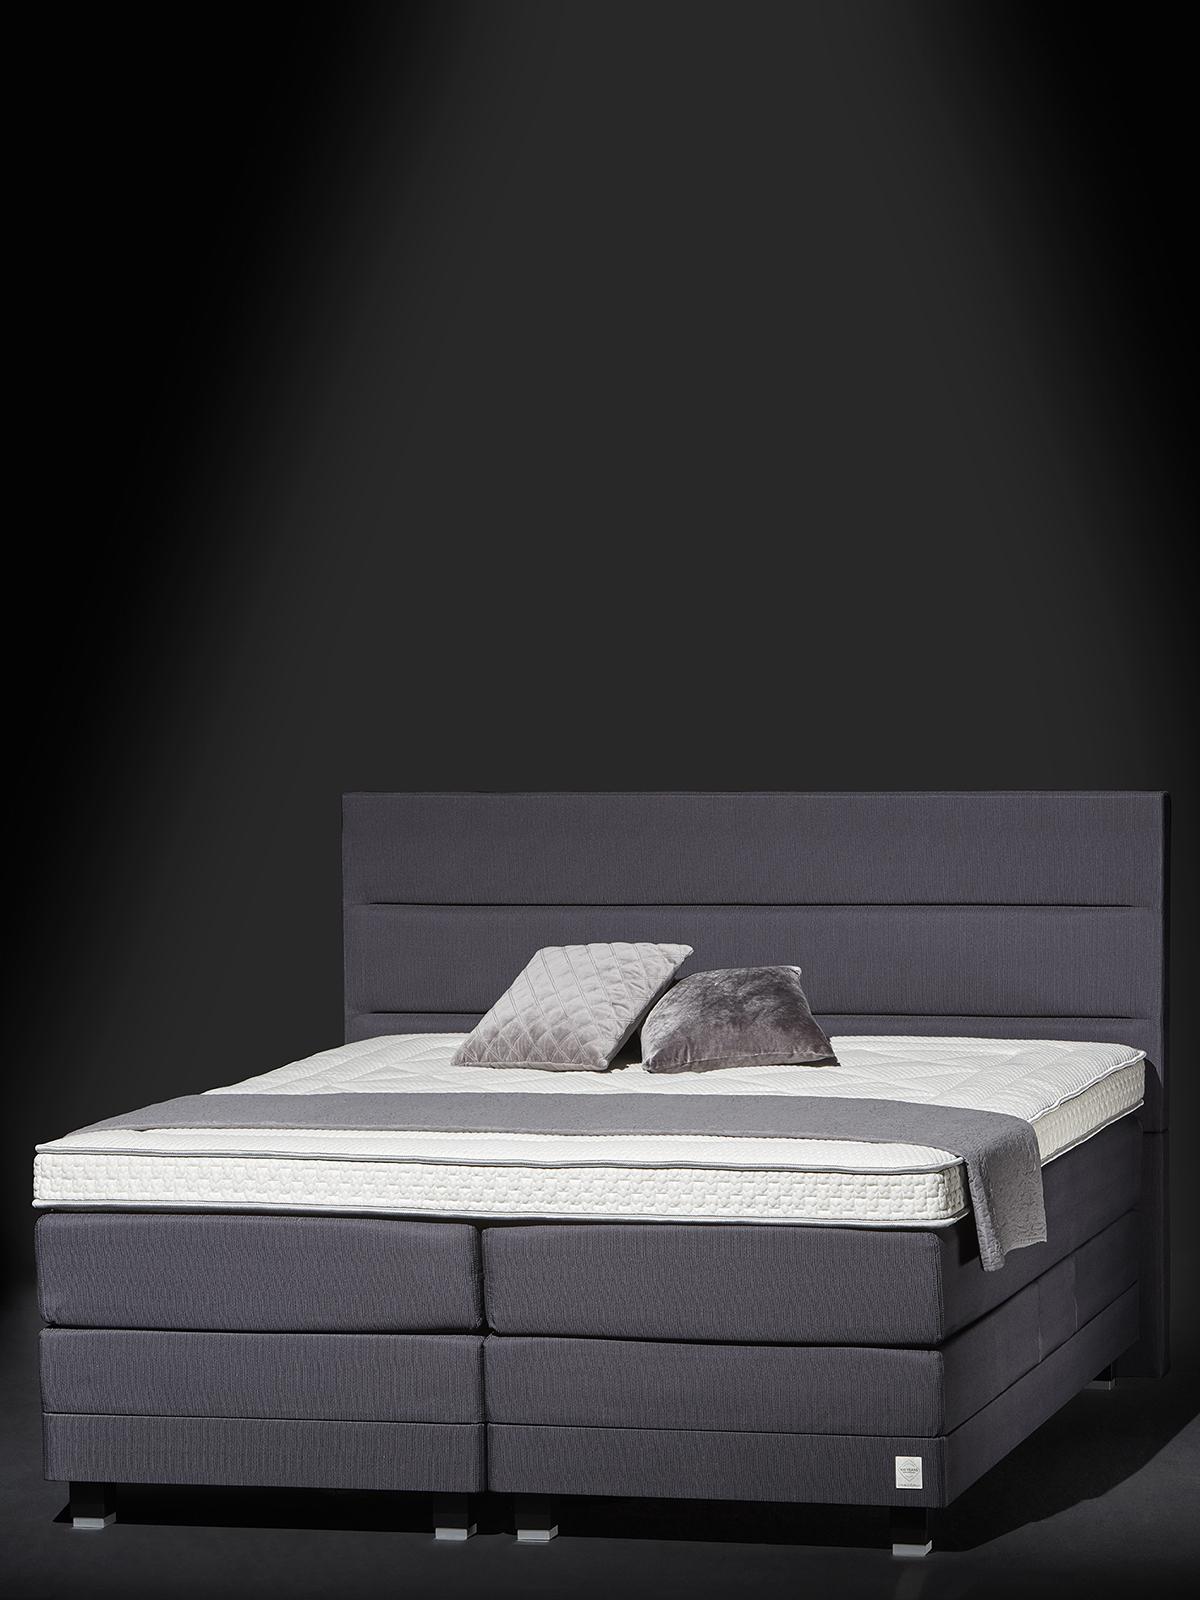 Swiss Sense, exclusief slapen, bedden, boxsprings, luxe